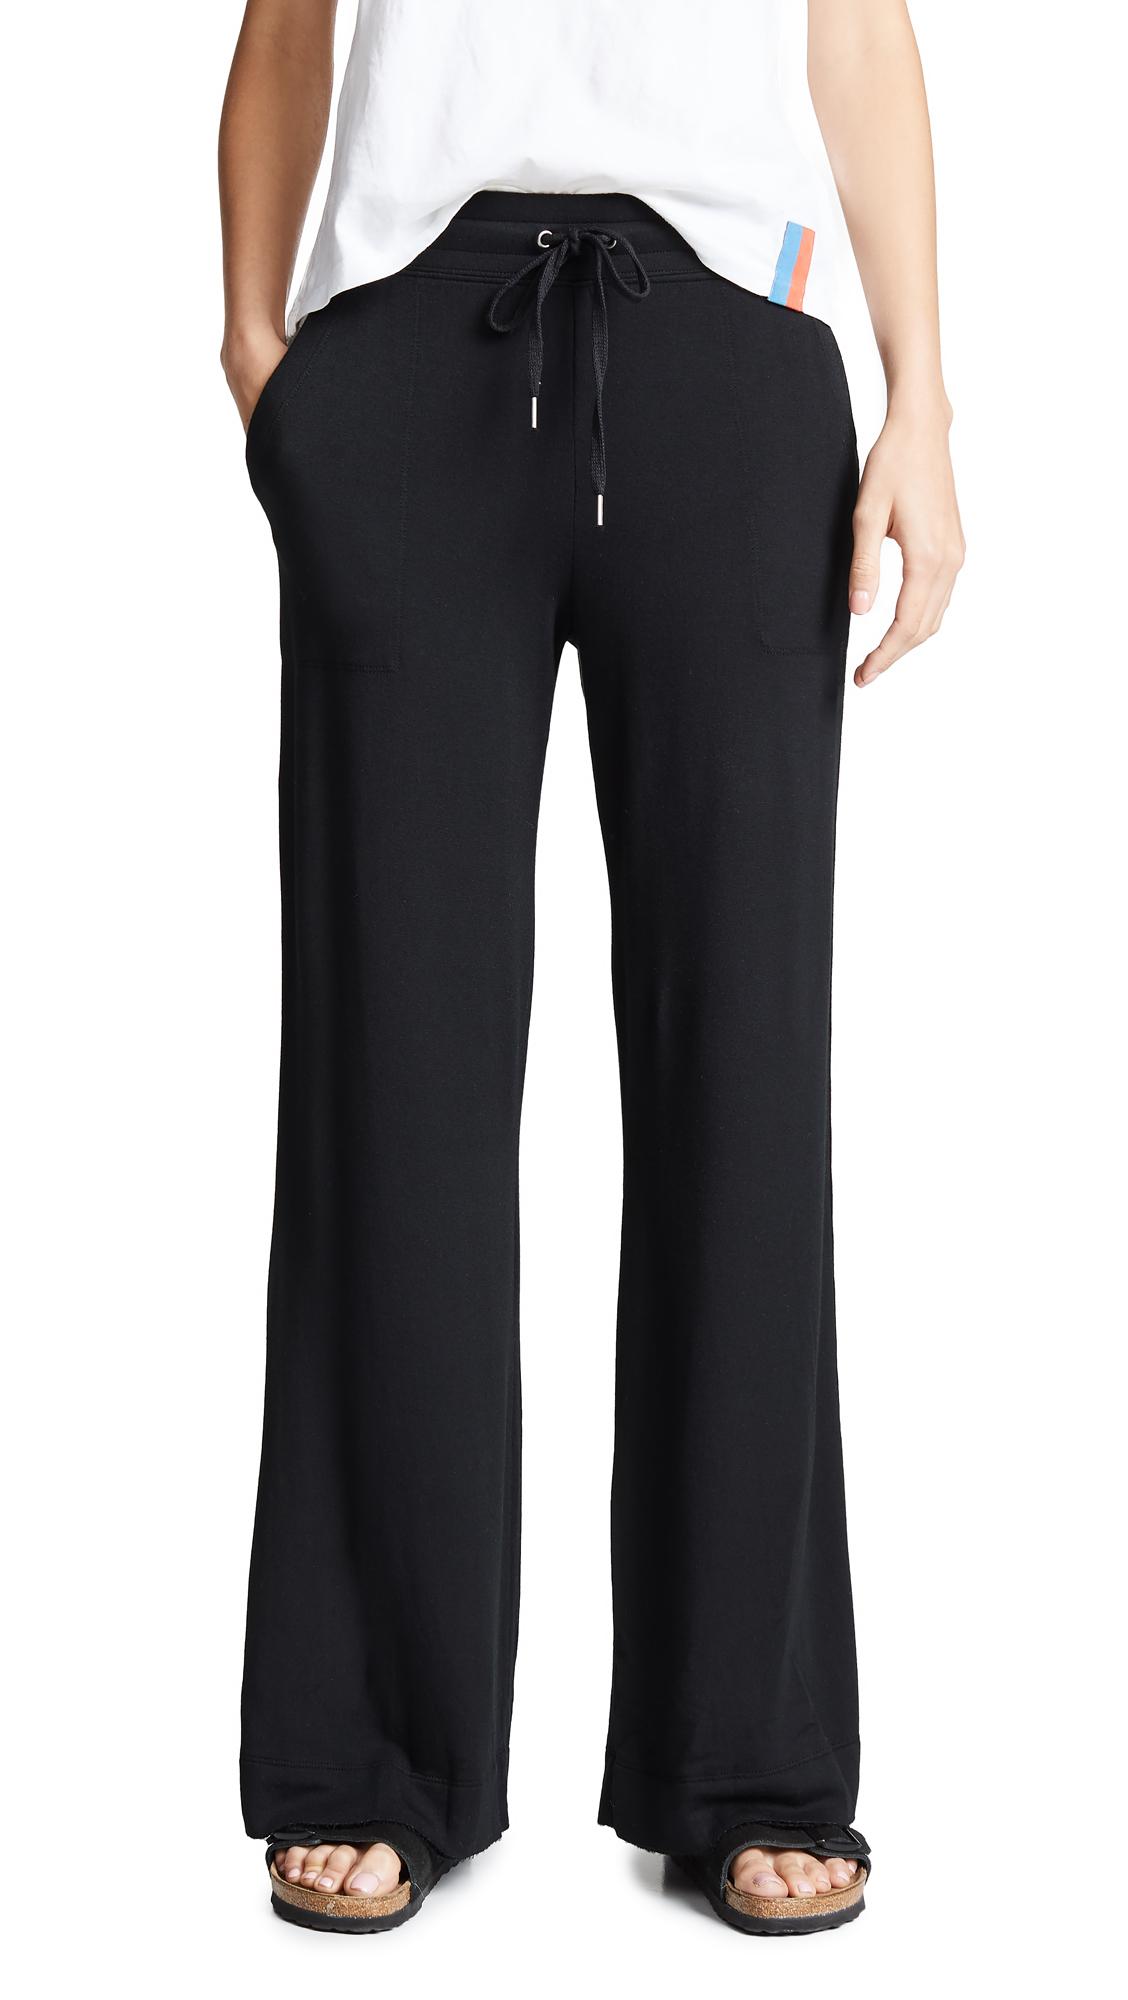 Splendid Super Soft Sweatpants - Black